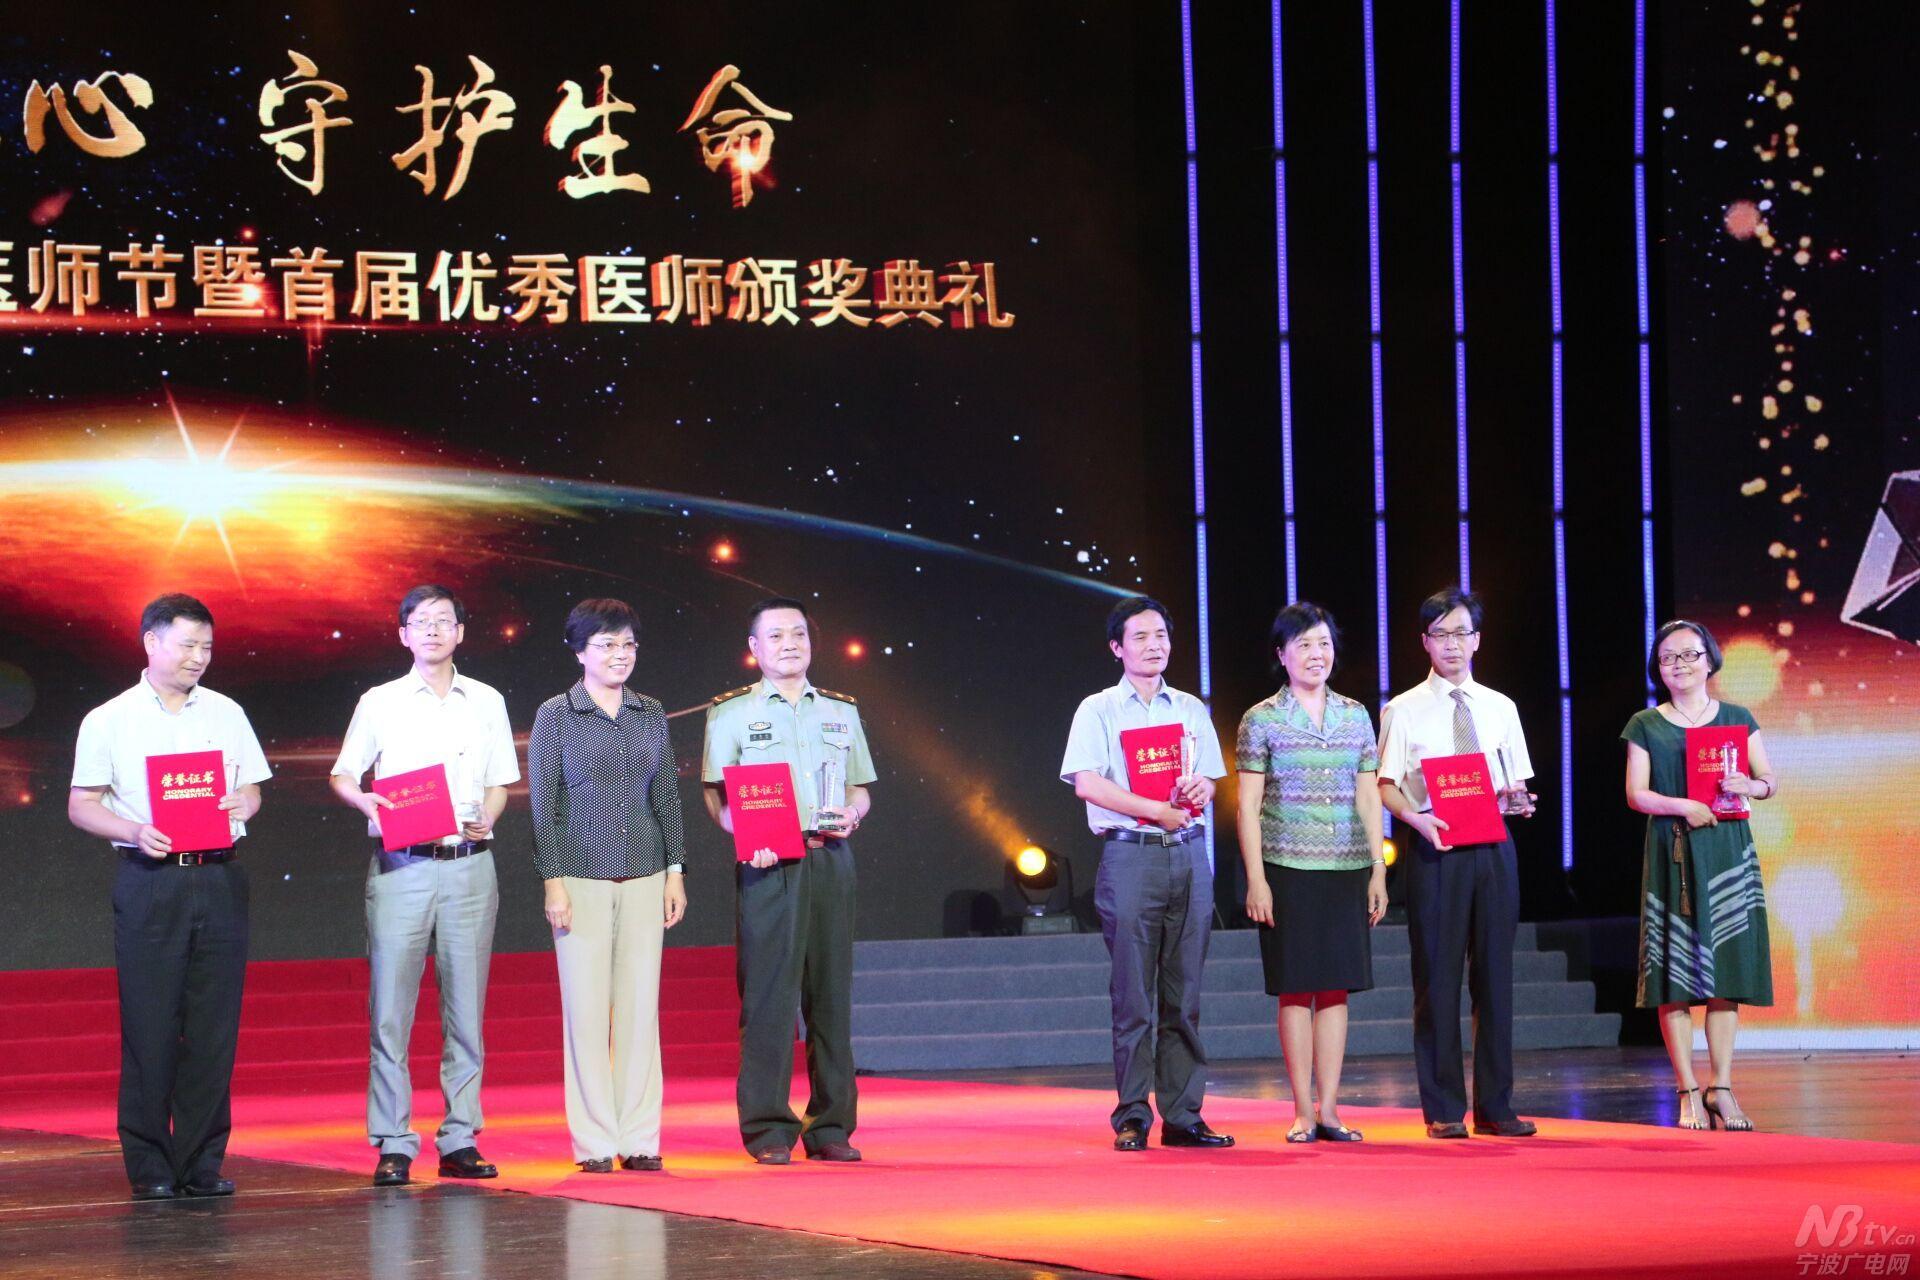 宁波市庆祝中国医师节暨首届优秀医师颁奖典礼今日举行